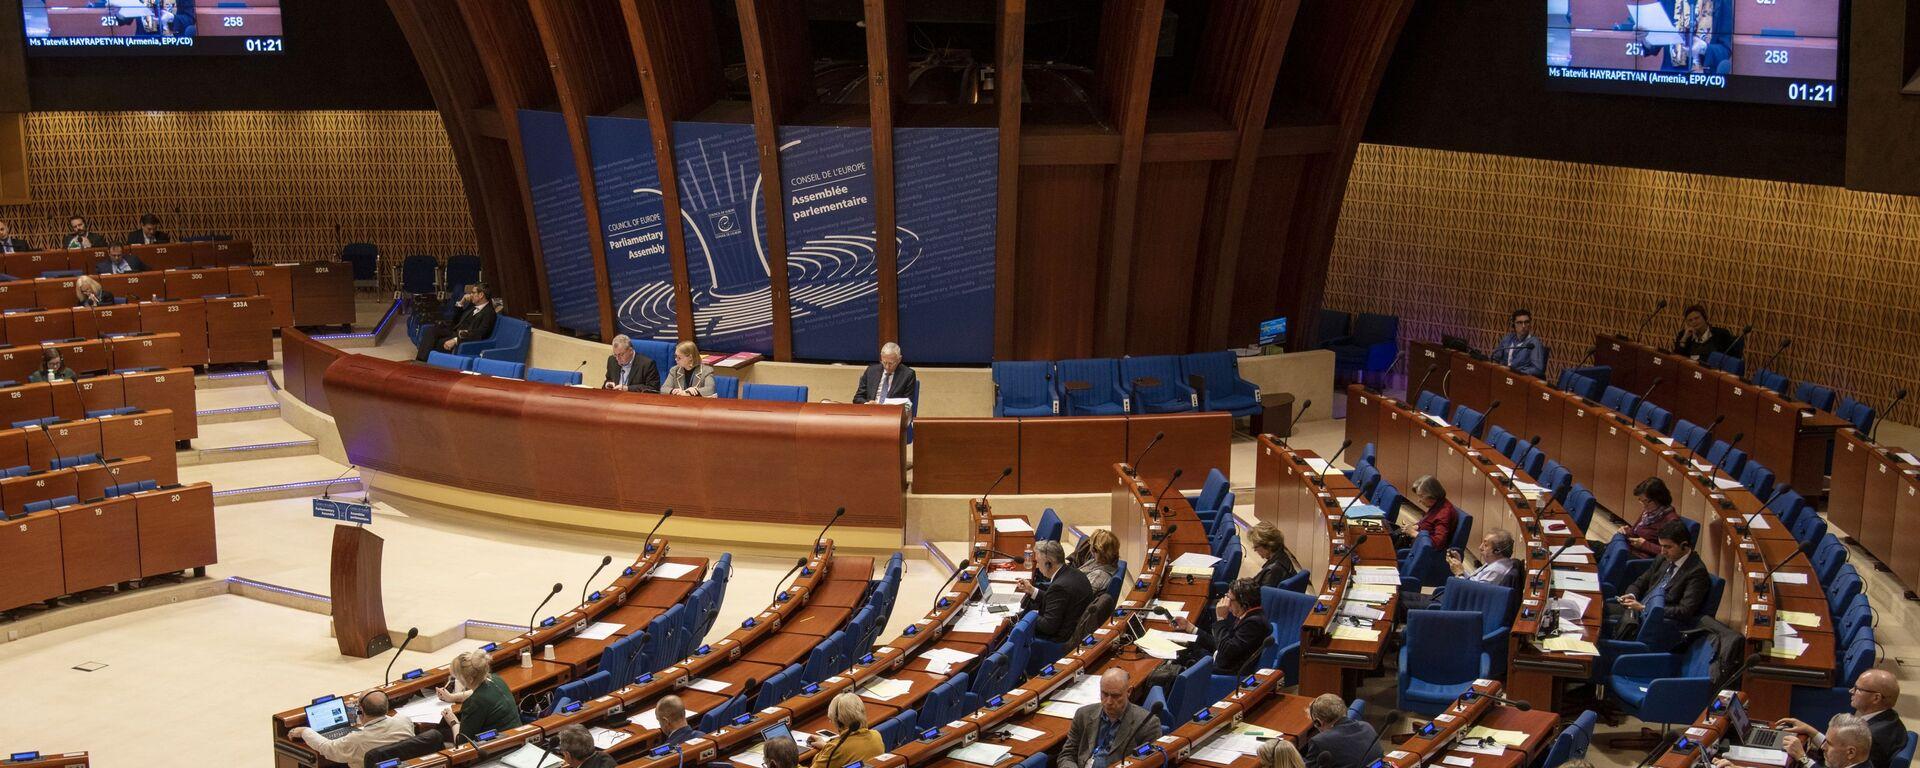 Zimowa sesja Zgromadzenia Parlamentarnego Rady Europy w Strasburgu. - Sputnik Polska, 1920, 17.08.2021